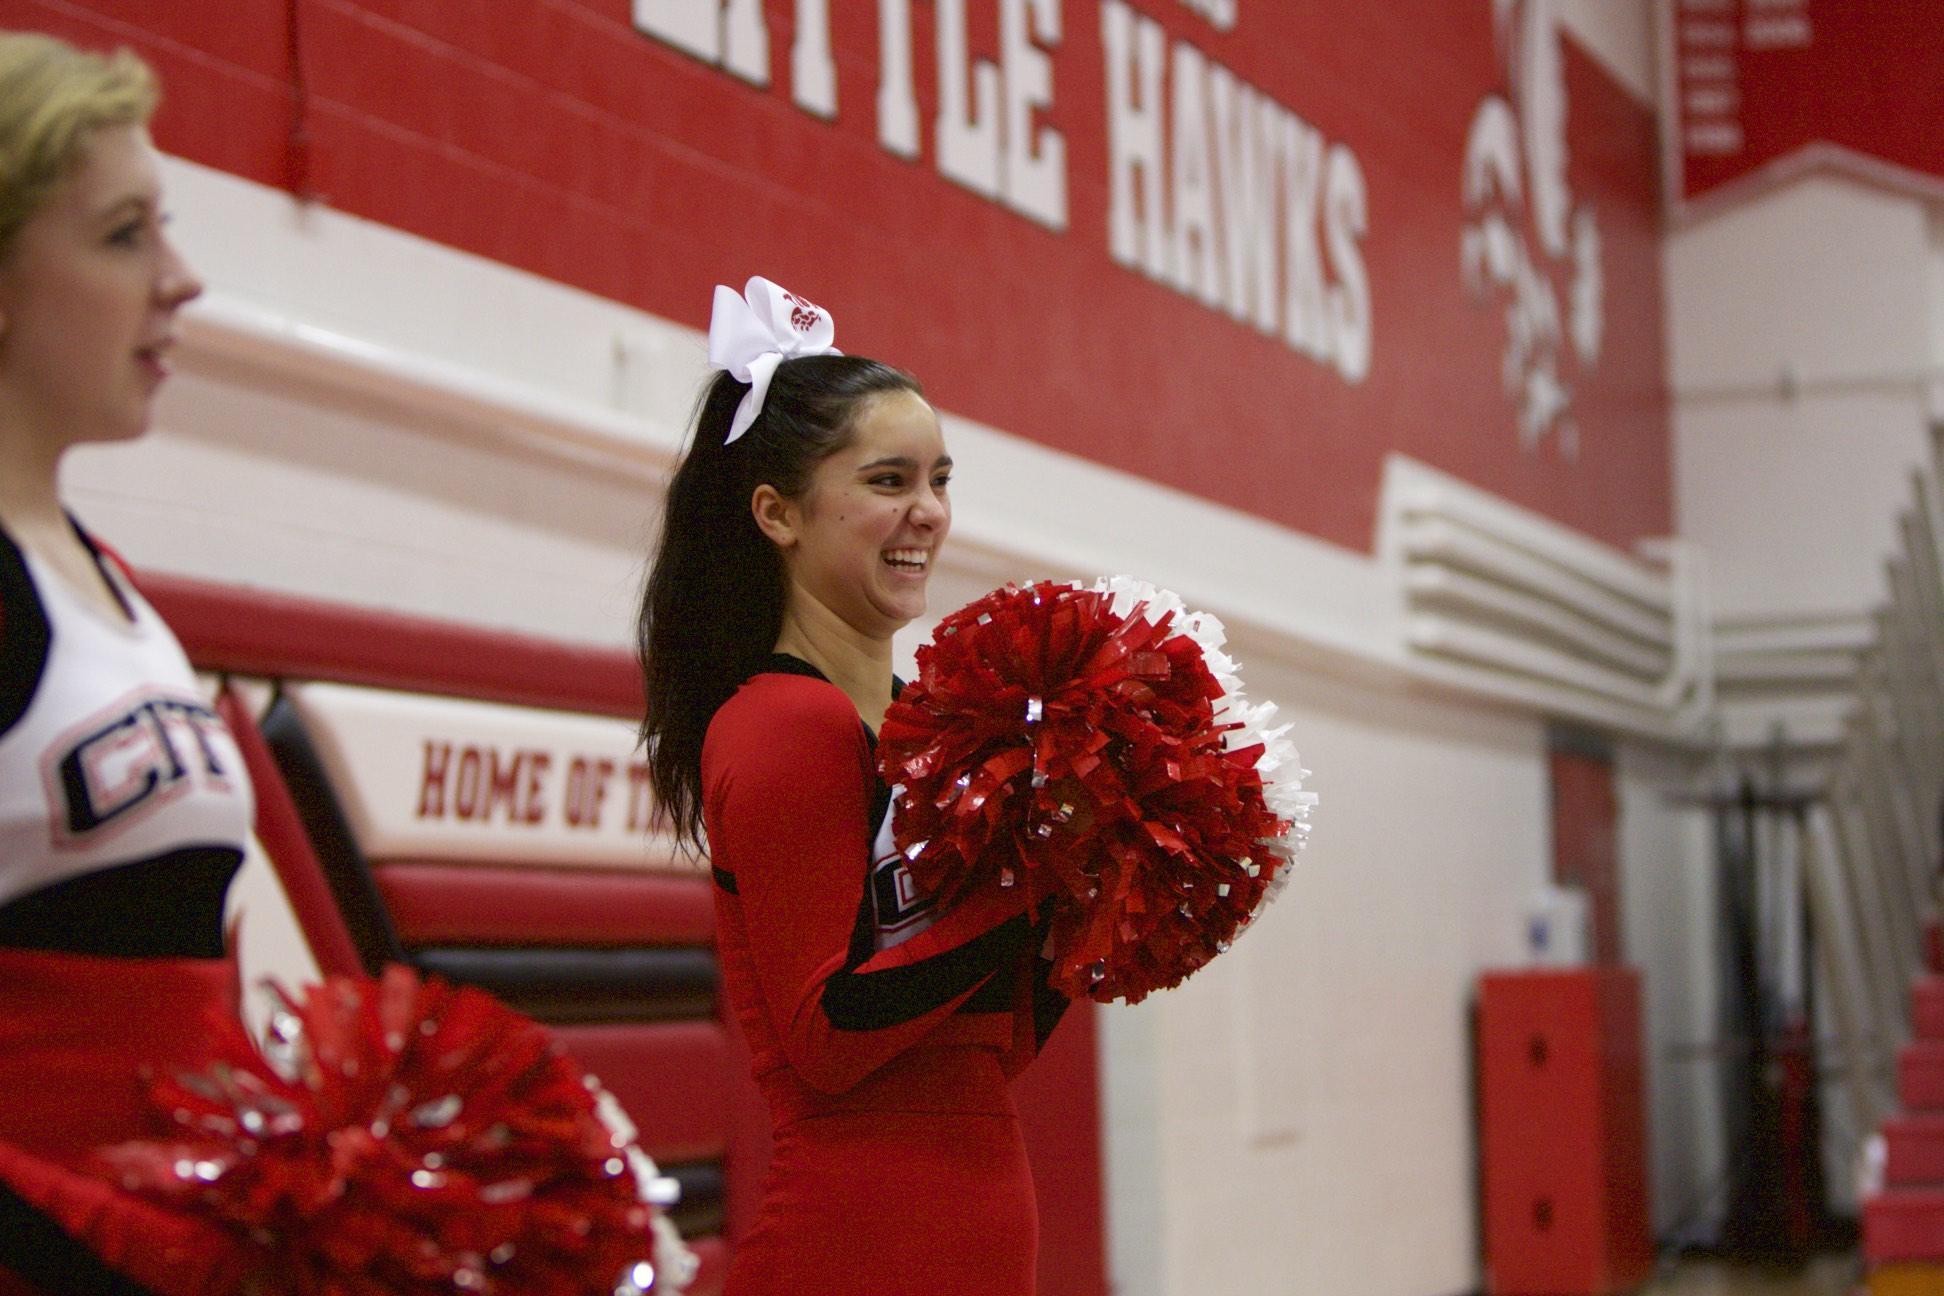 Lauren O'Brien '16 cheers on the team.